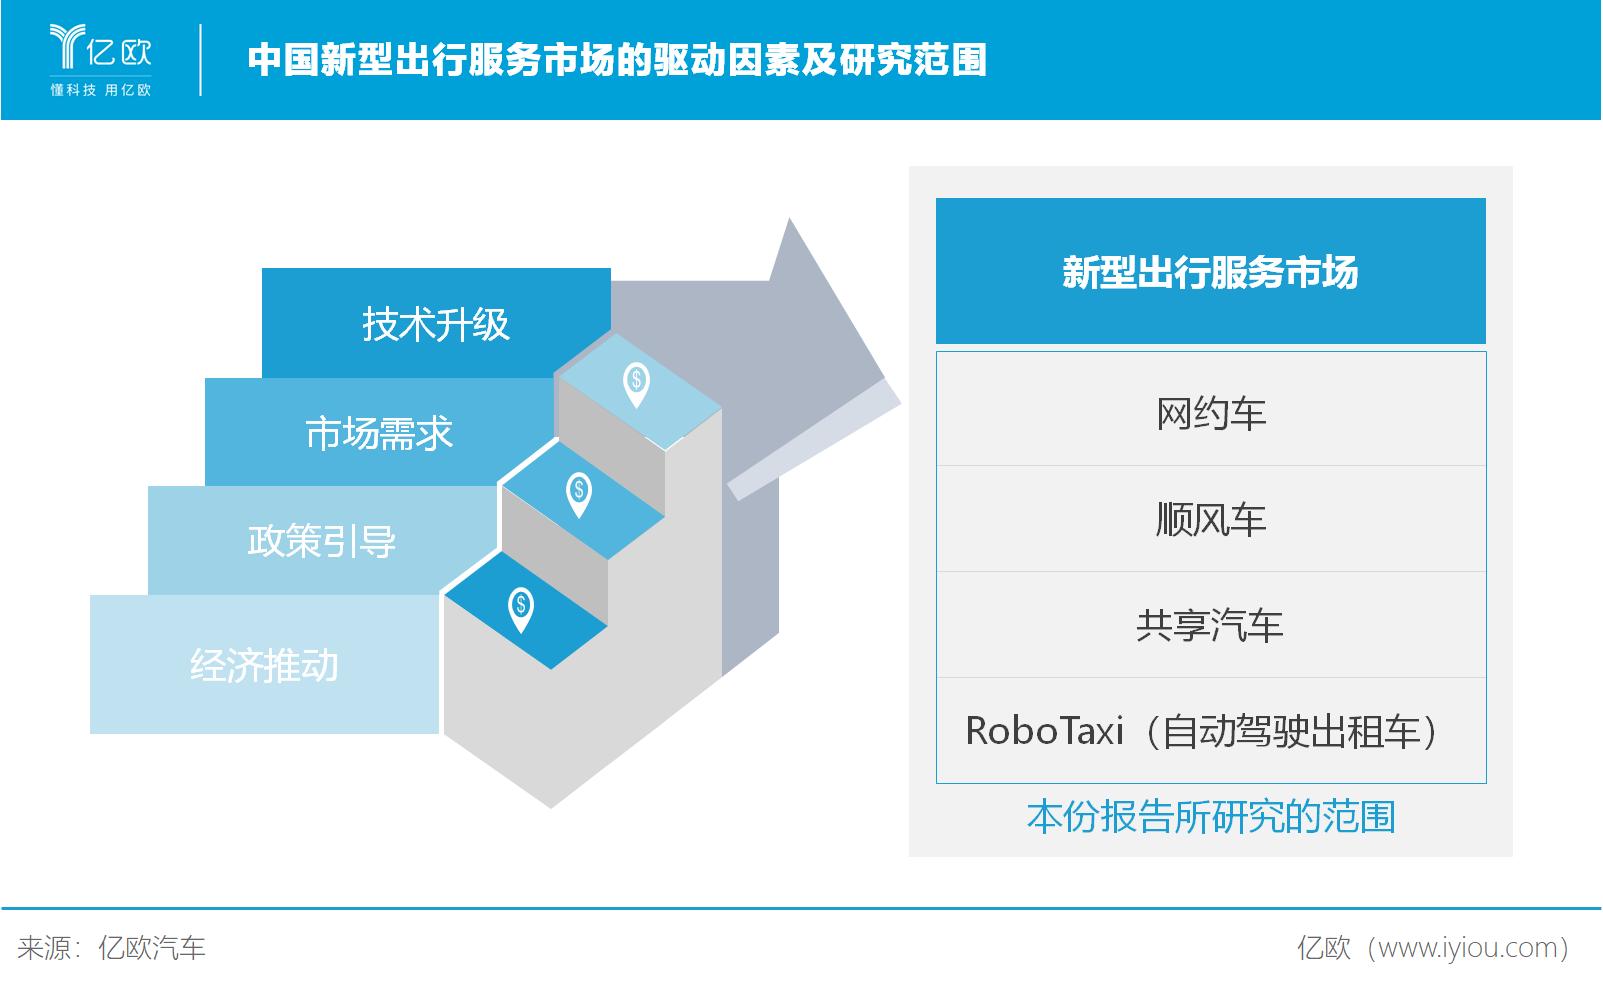 中国新型出行服务市场的驱动因素及研究范围